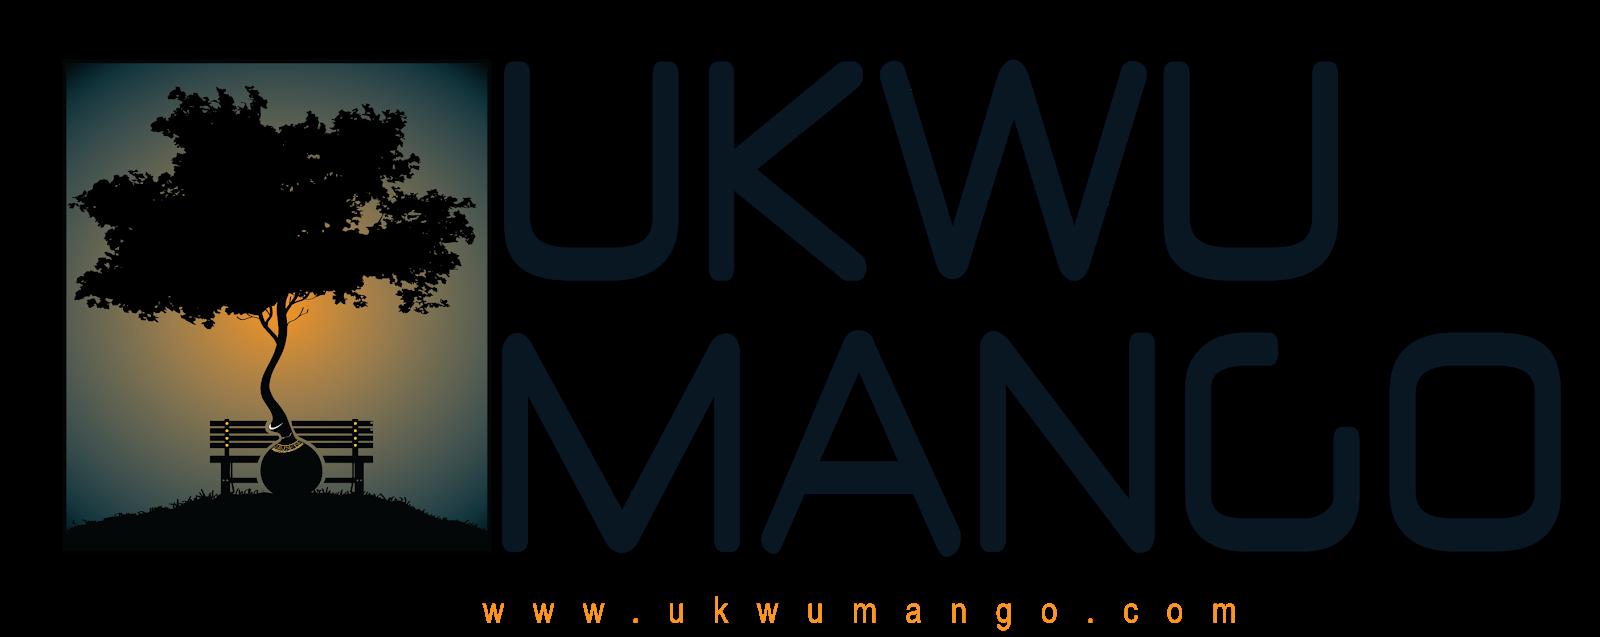 ukwumango.com